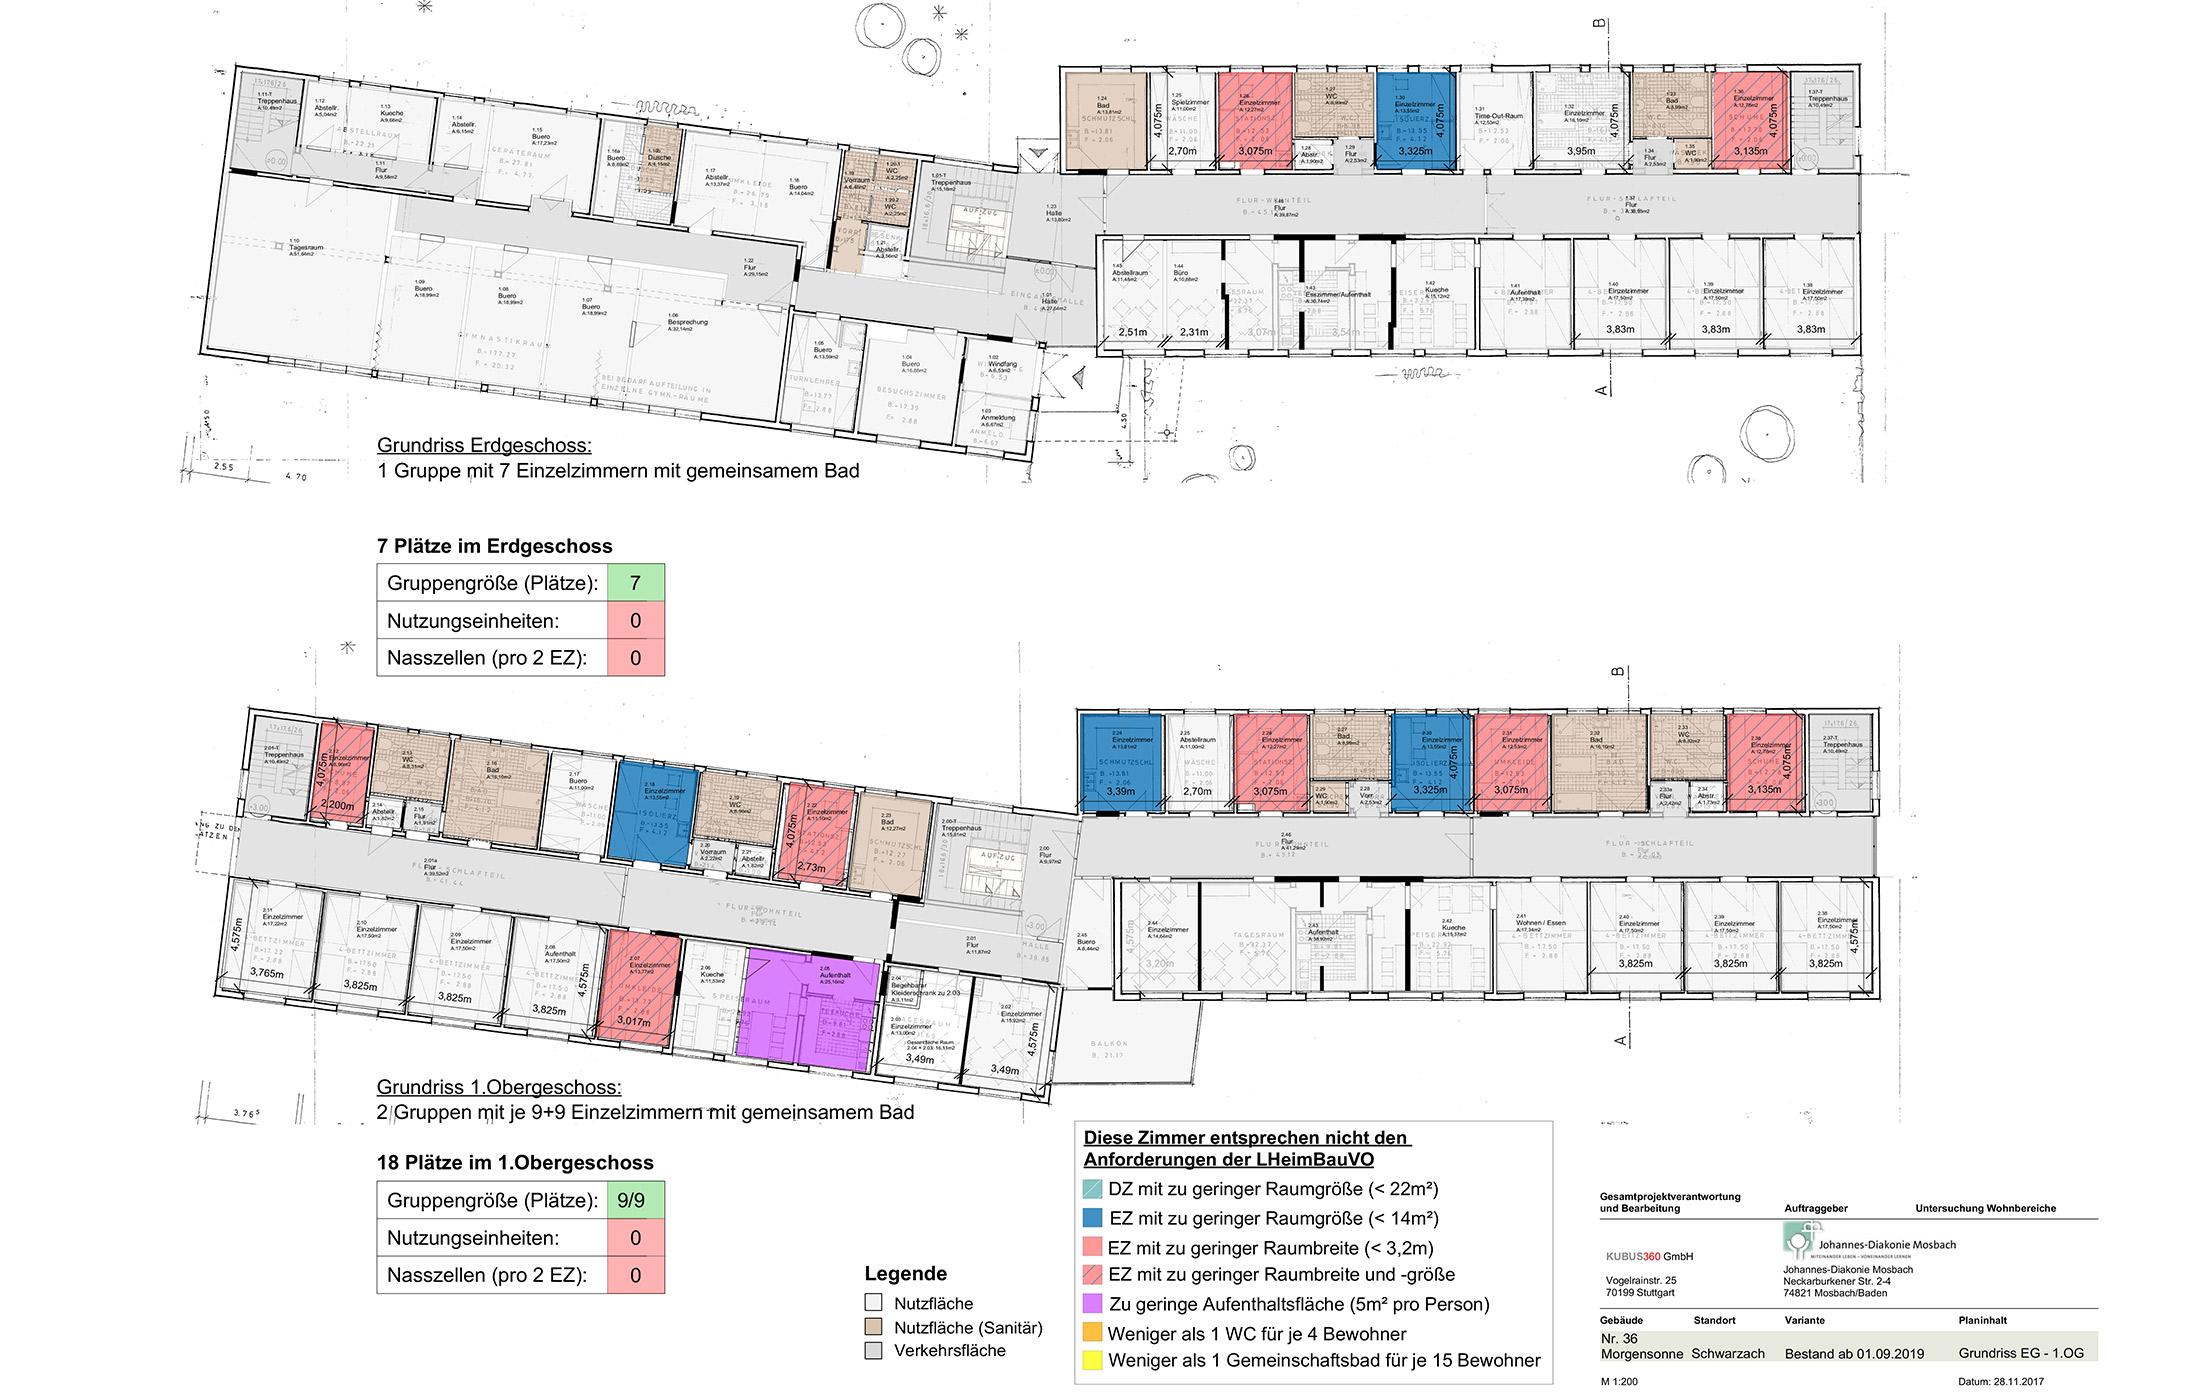 2015, Umstrukturierungsplanung - Konformität mit LHeimBauVO für die Johannes Diakonie Mosbach e.V.